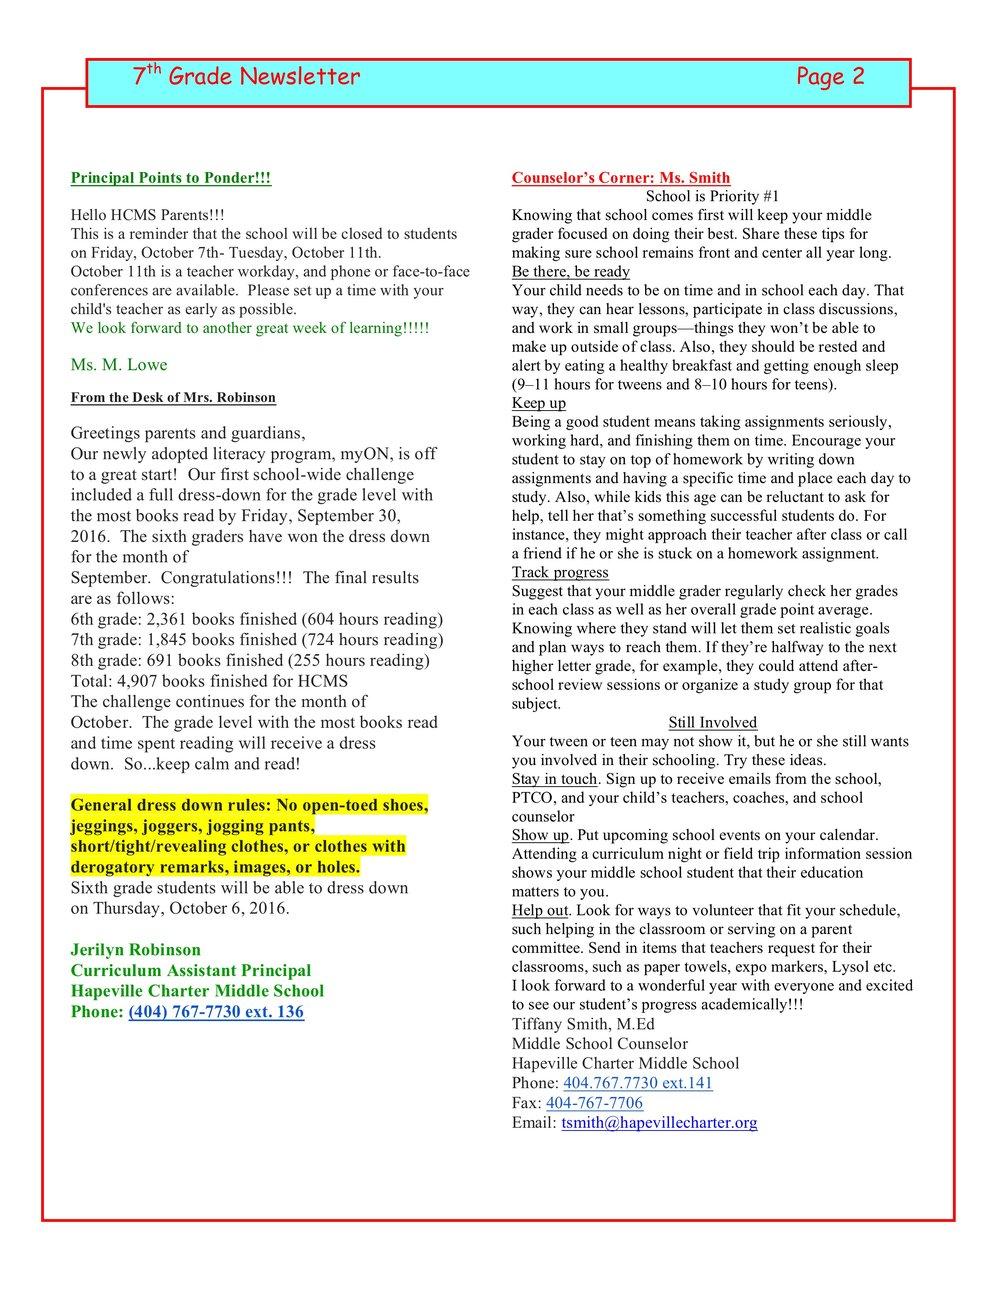 Newsletter Image7th Grade Newsletter 10.3.2016  2.jpeg